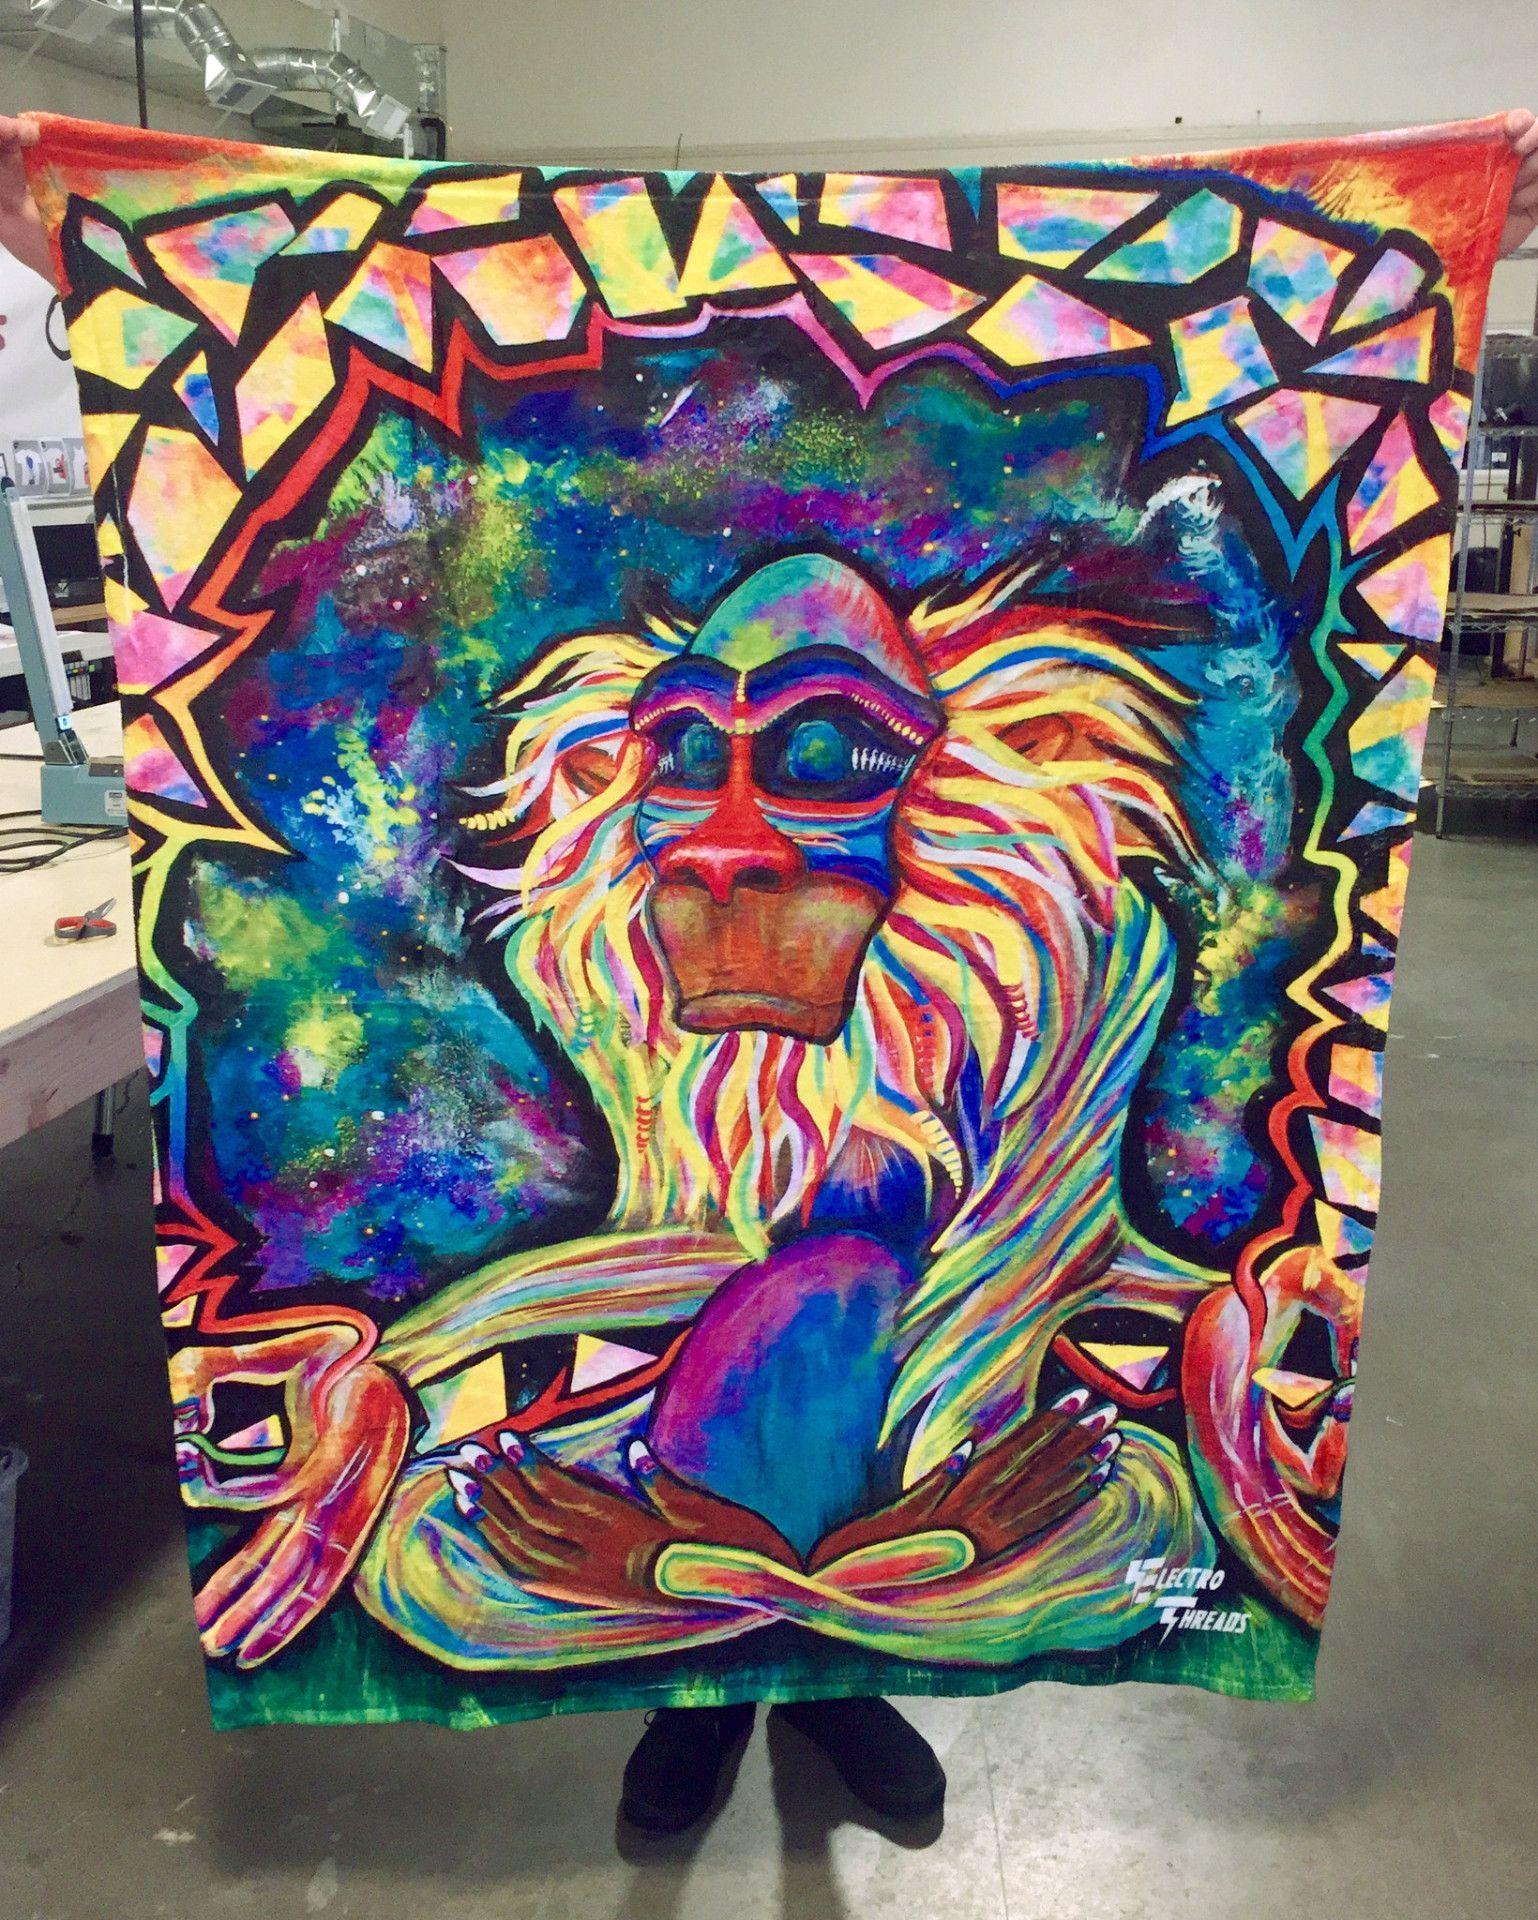 Meditating rafiki blanket cool artwork meditation room decor meditation pillow zen meditation